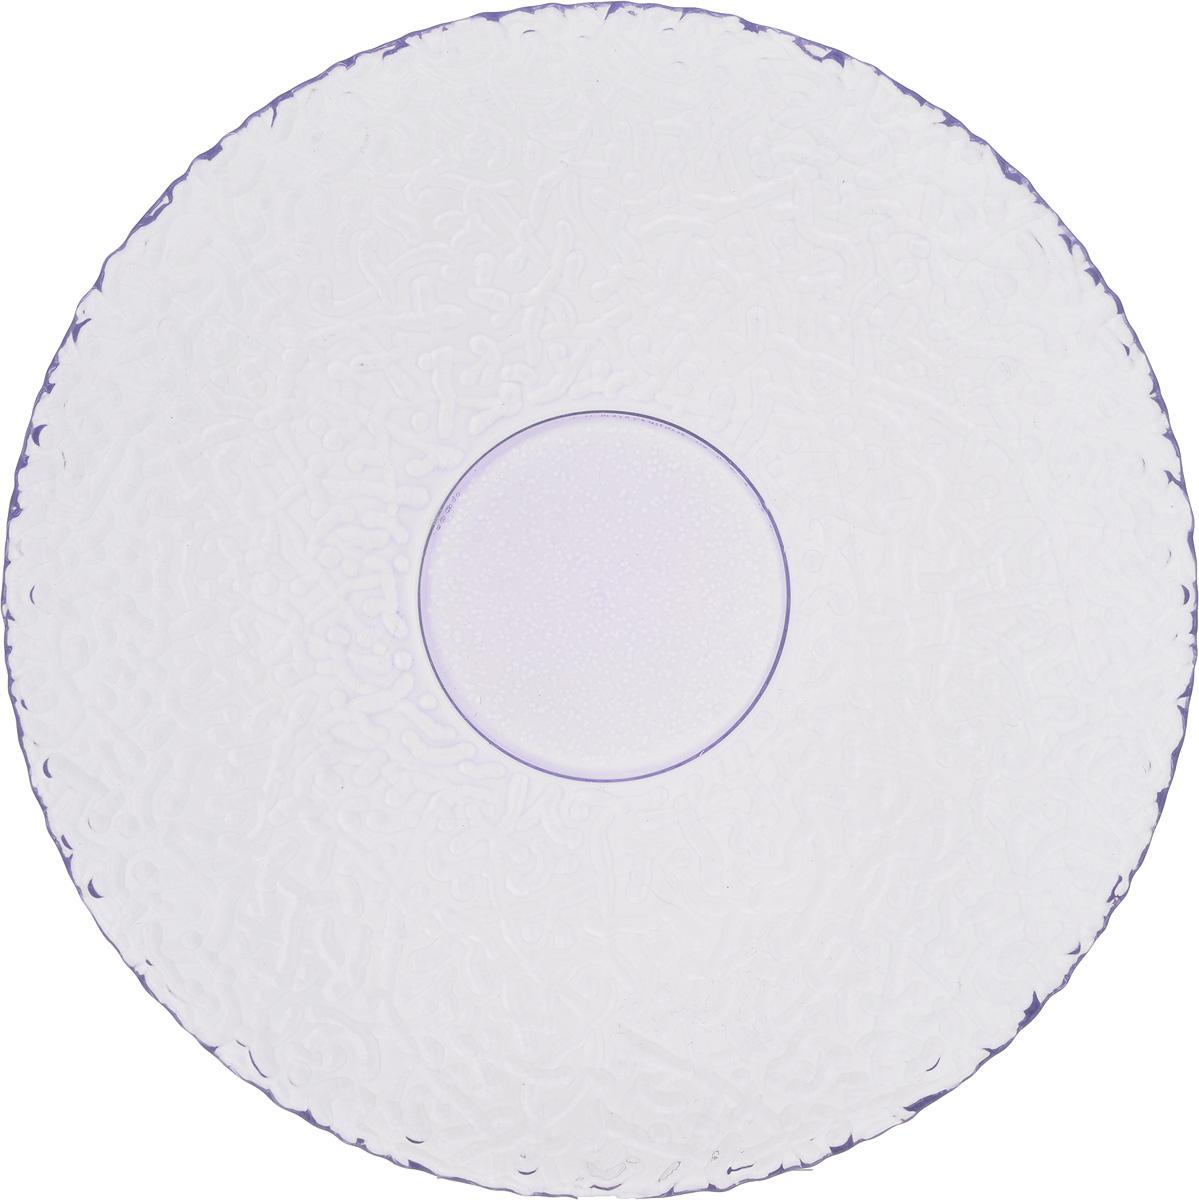 Тарелка NiNaGlass Ажур, цвет: светло-сиреневый, диаметр 21 см83-070-ф210 ЛАВАНТарелка NiNaGlass Ажур выполнена из высококачественного стекла и имеет рельефную поверхность. Она прекрасно впишется в интерьер вашей кухни и станет достойным дополнением к кухонному инвентарю. Тарелка NiNaGlass Ажур подчеркнет прекрасный вкус хозяйки и станет отличным подарком. Диаметр тарелки: 21 см. Высота: 2,5 см.